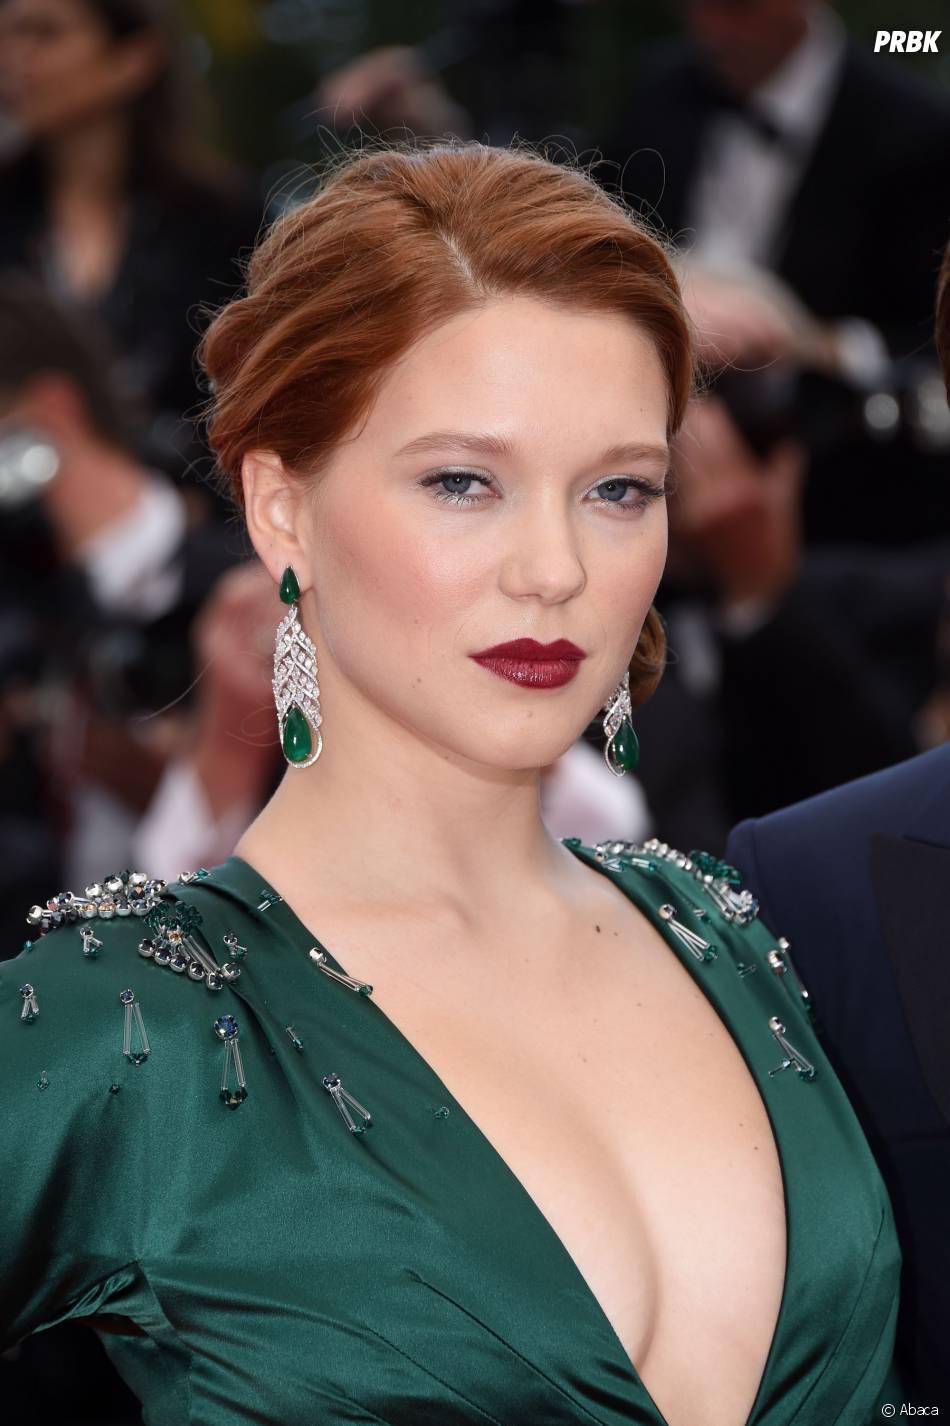 Léa Seydoux décolletée sur le tapis rouge du Festival de Cannes 2014